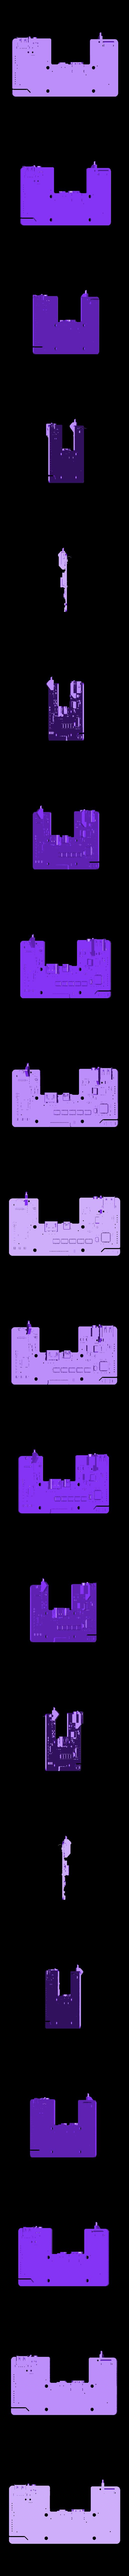 DK2_Motherboard.stl Télécharger fichier STL gratuit Carte mère Oculus Rift DK2 • Objet à imprimer en 3D, indigo4